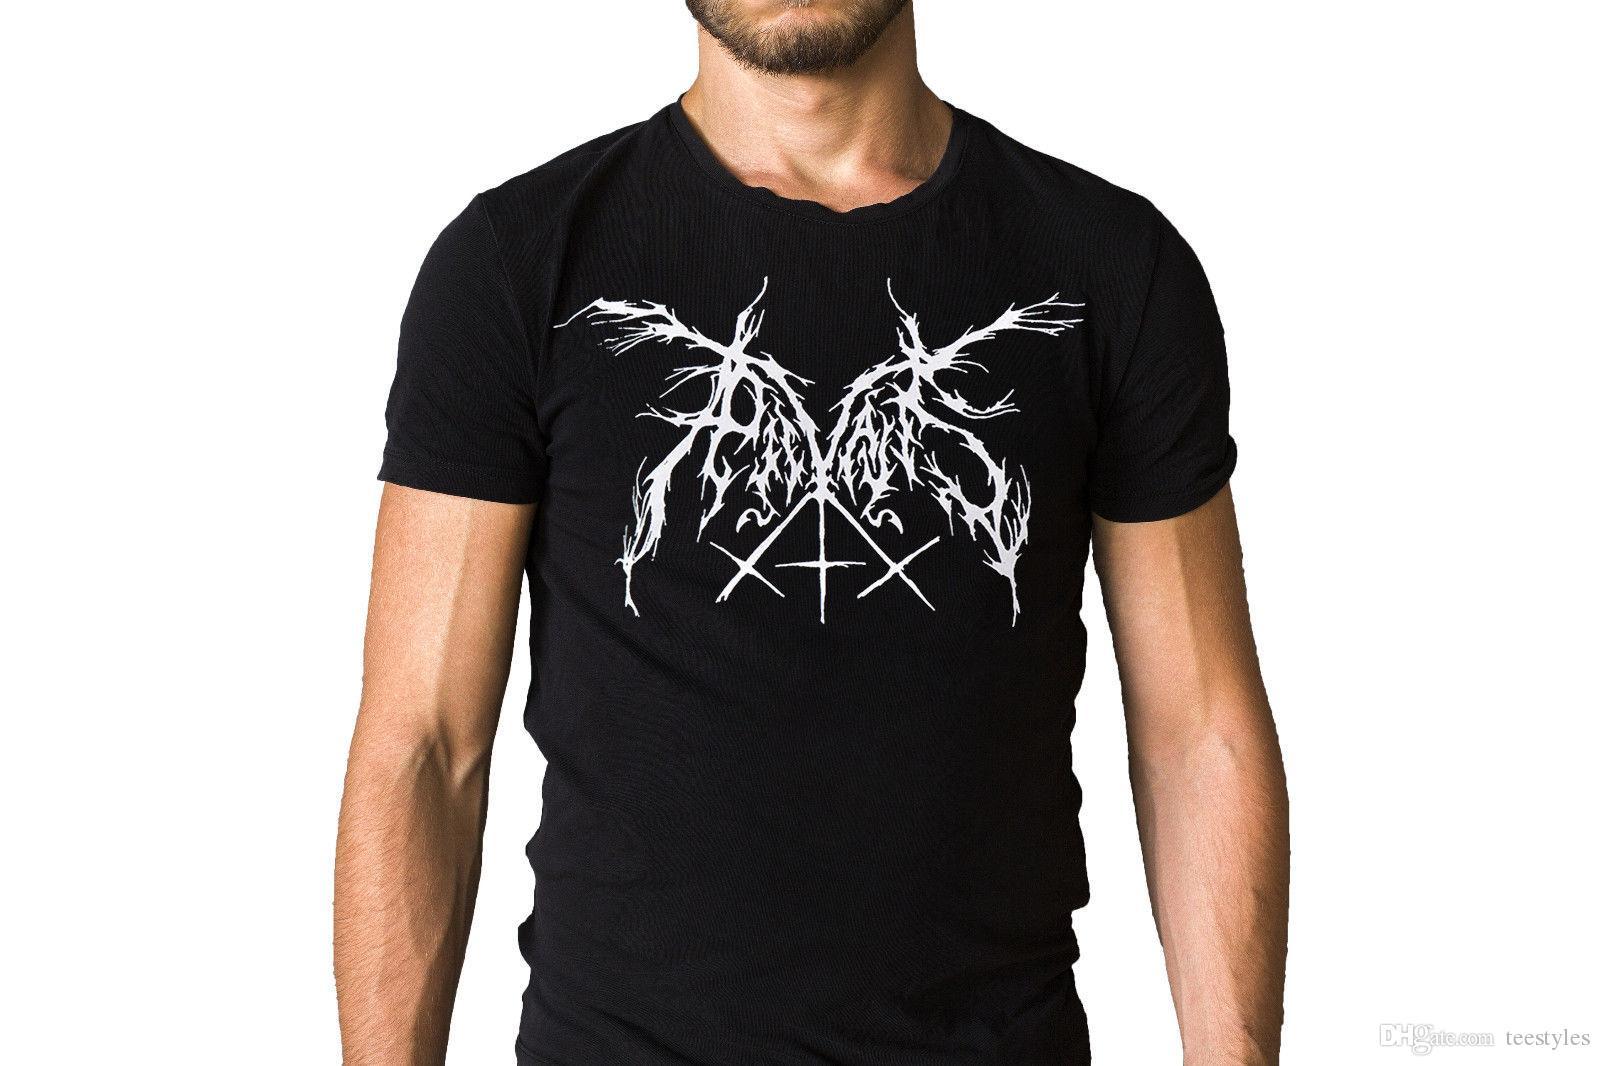 Riivaus Group Logo T Shirt Shirt For Men Funny Custom Short Sleeve